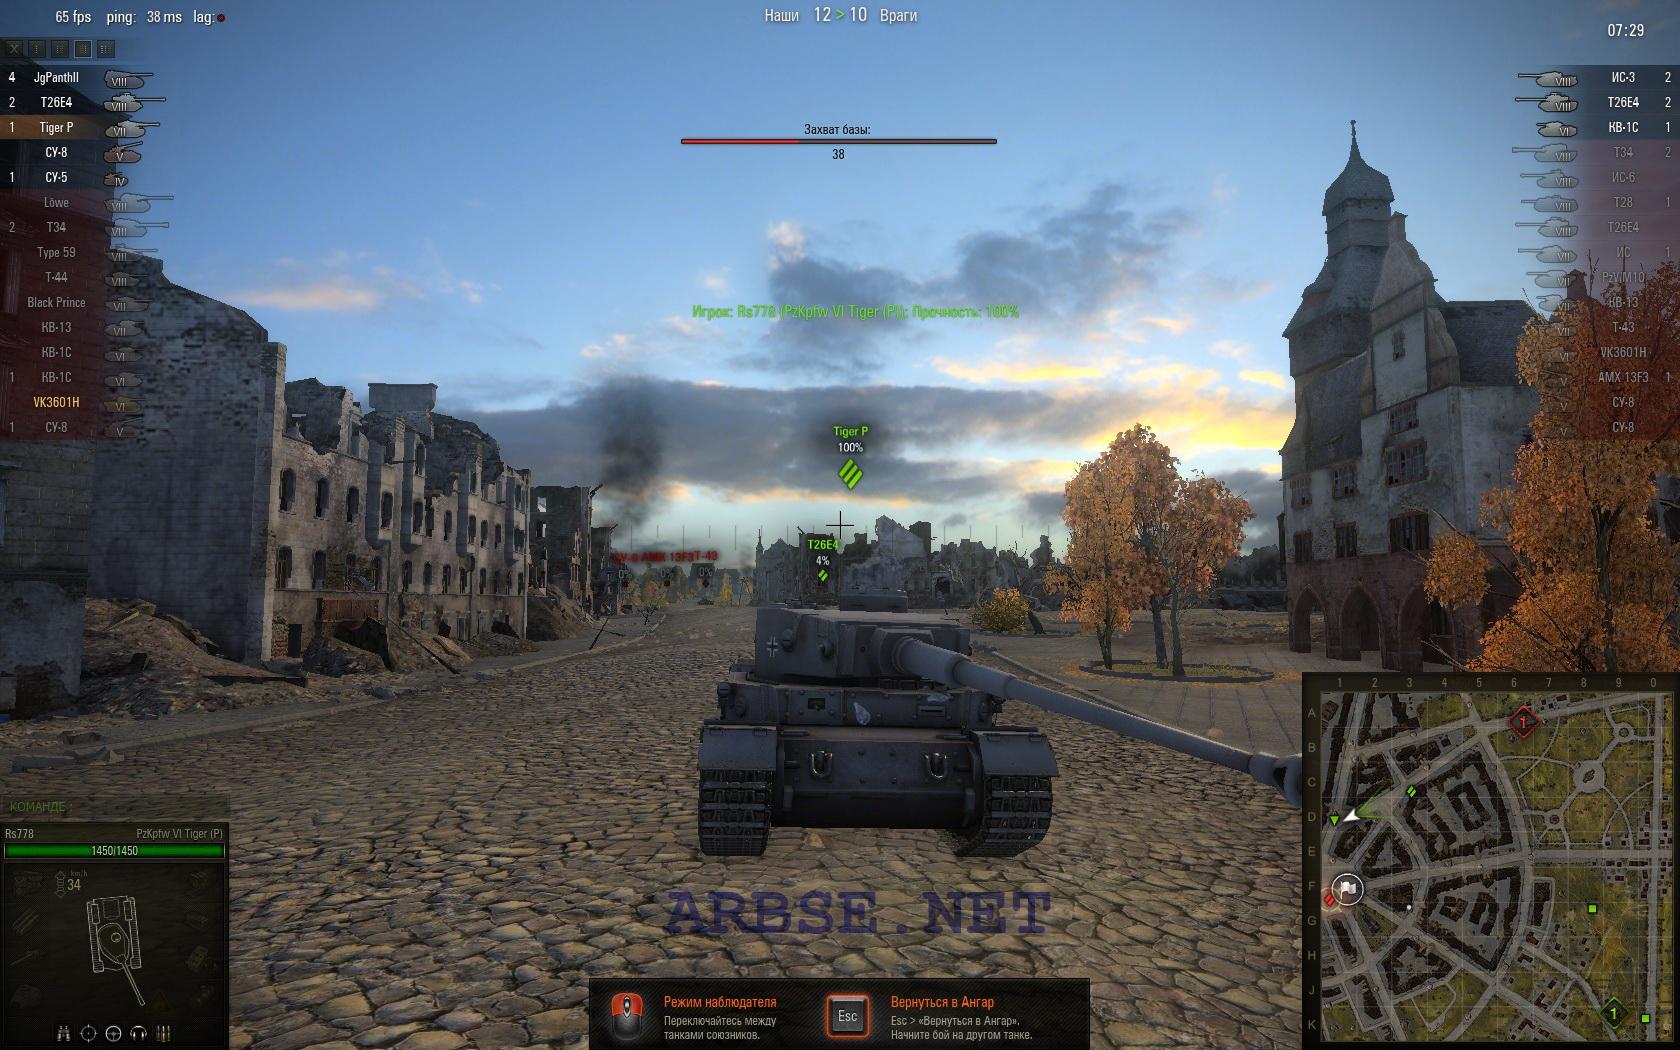 как положить деньги на игру world of tanks через карту